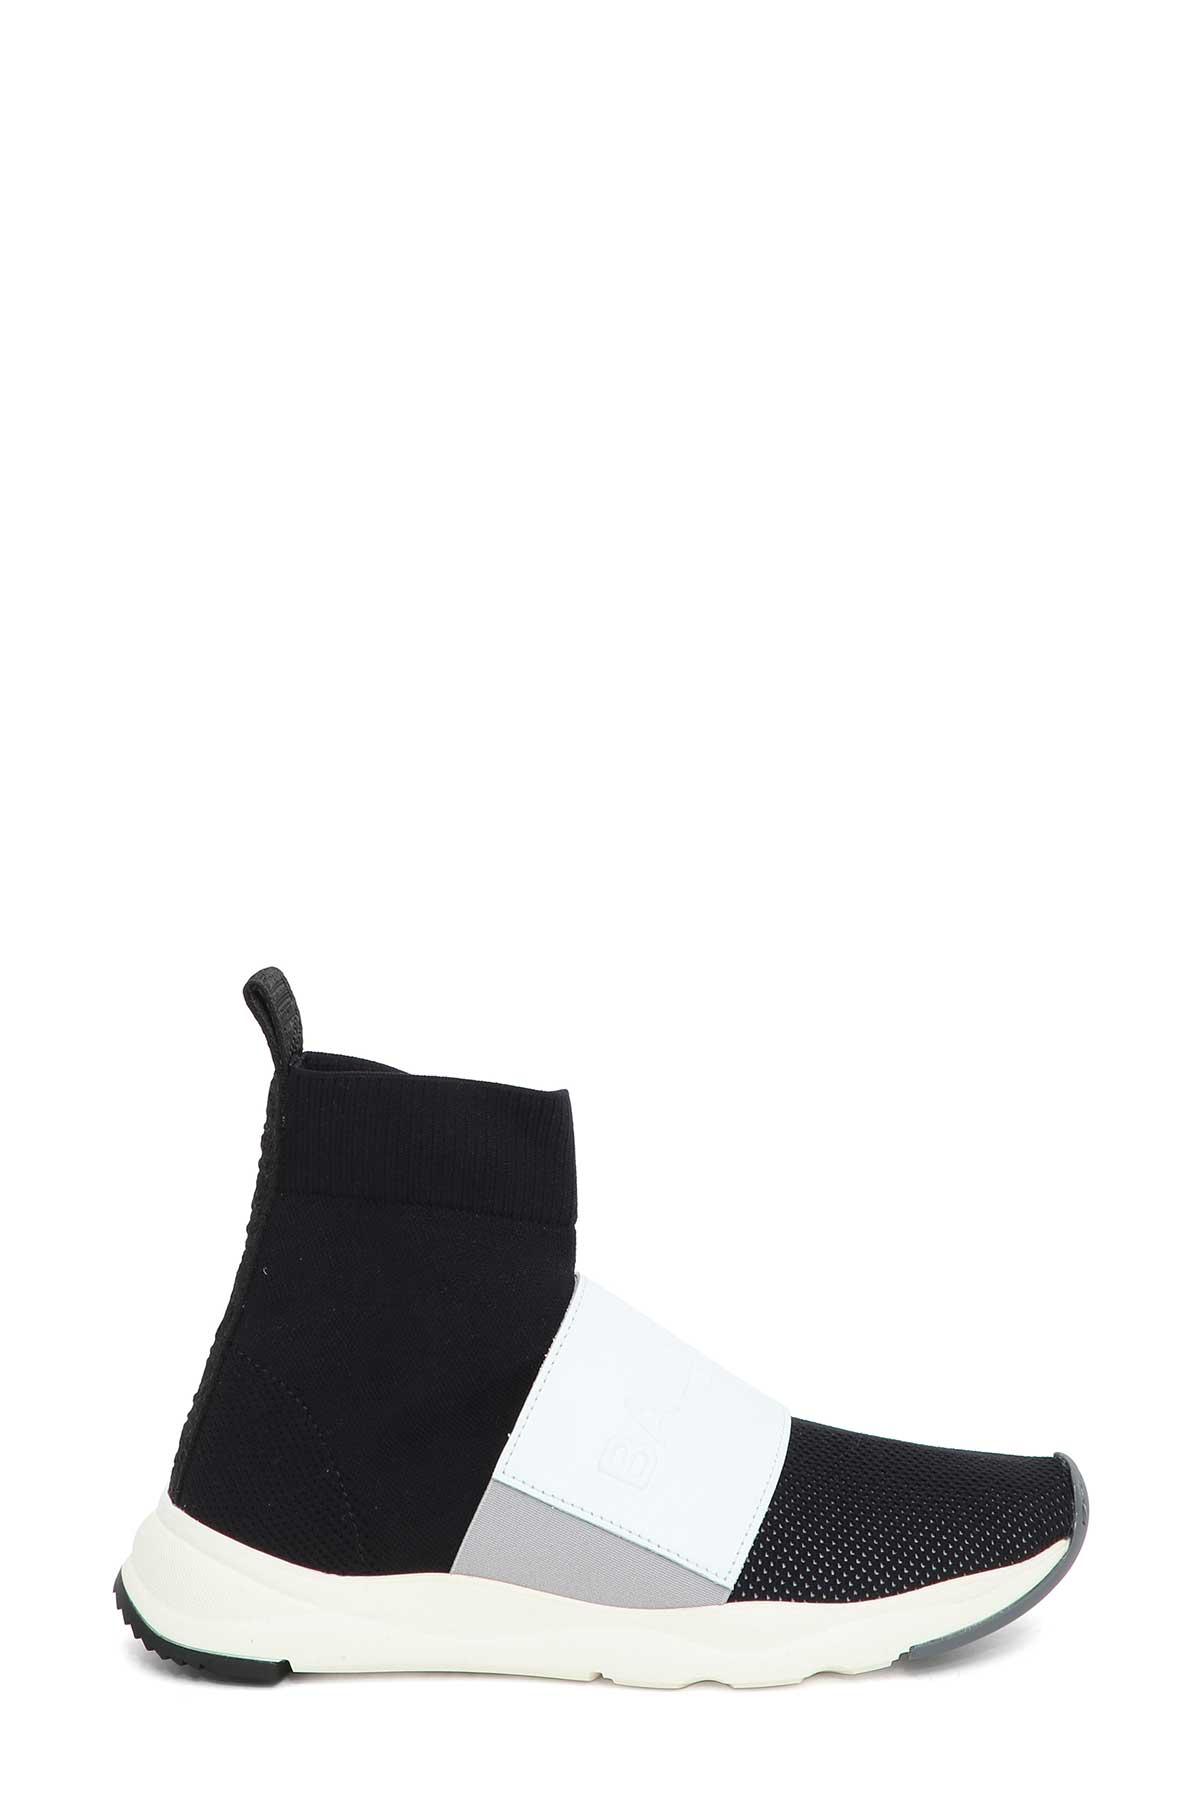 Balmain Balmain Socks Sneaker